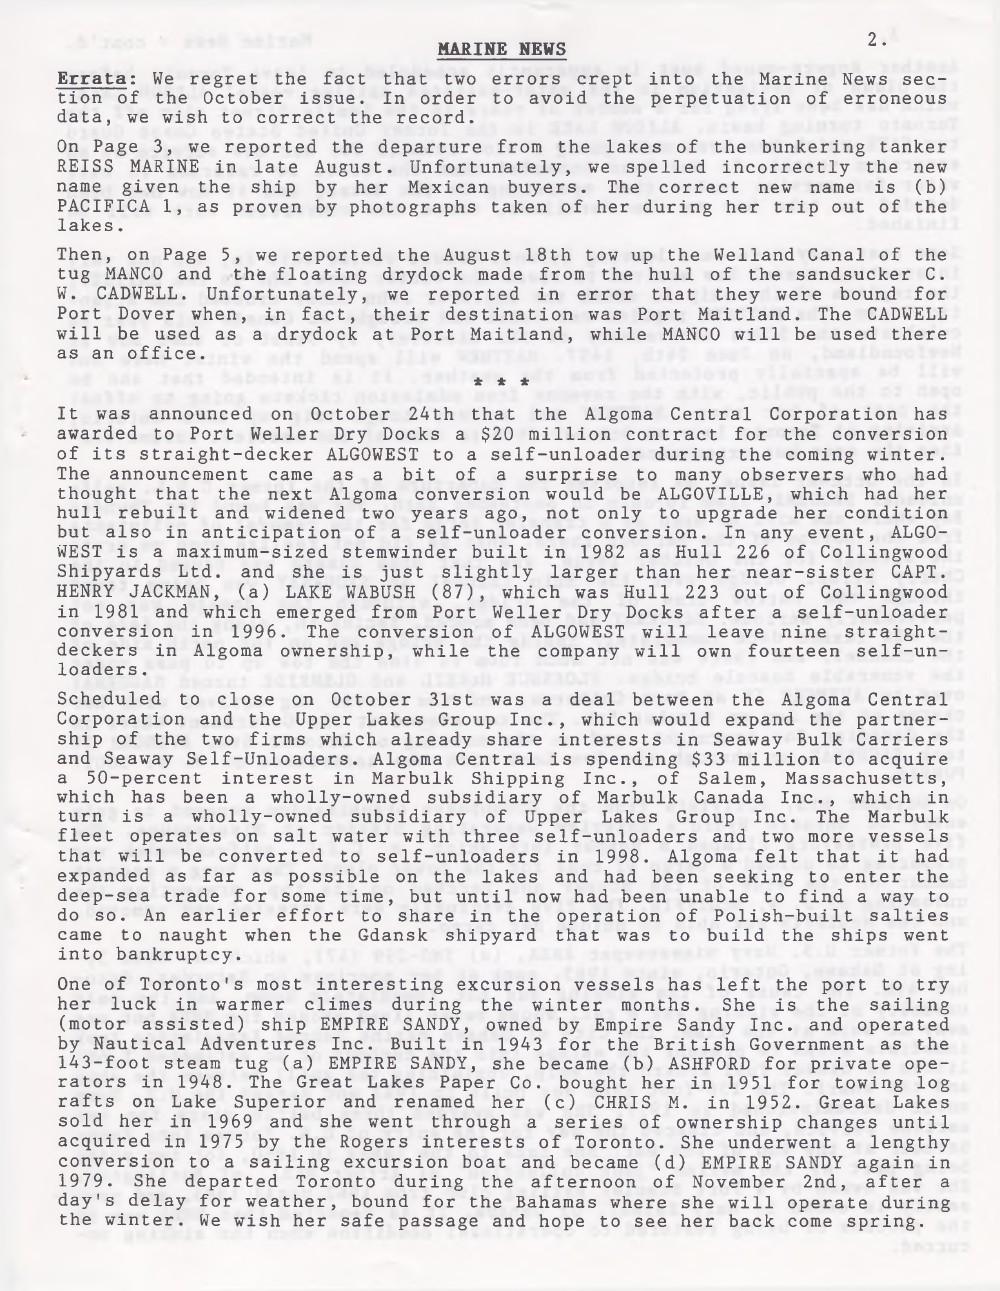 Scanner, v. 30, no. 2 (November 1997)